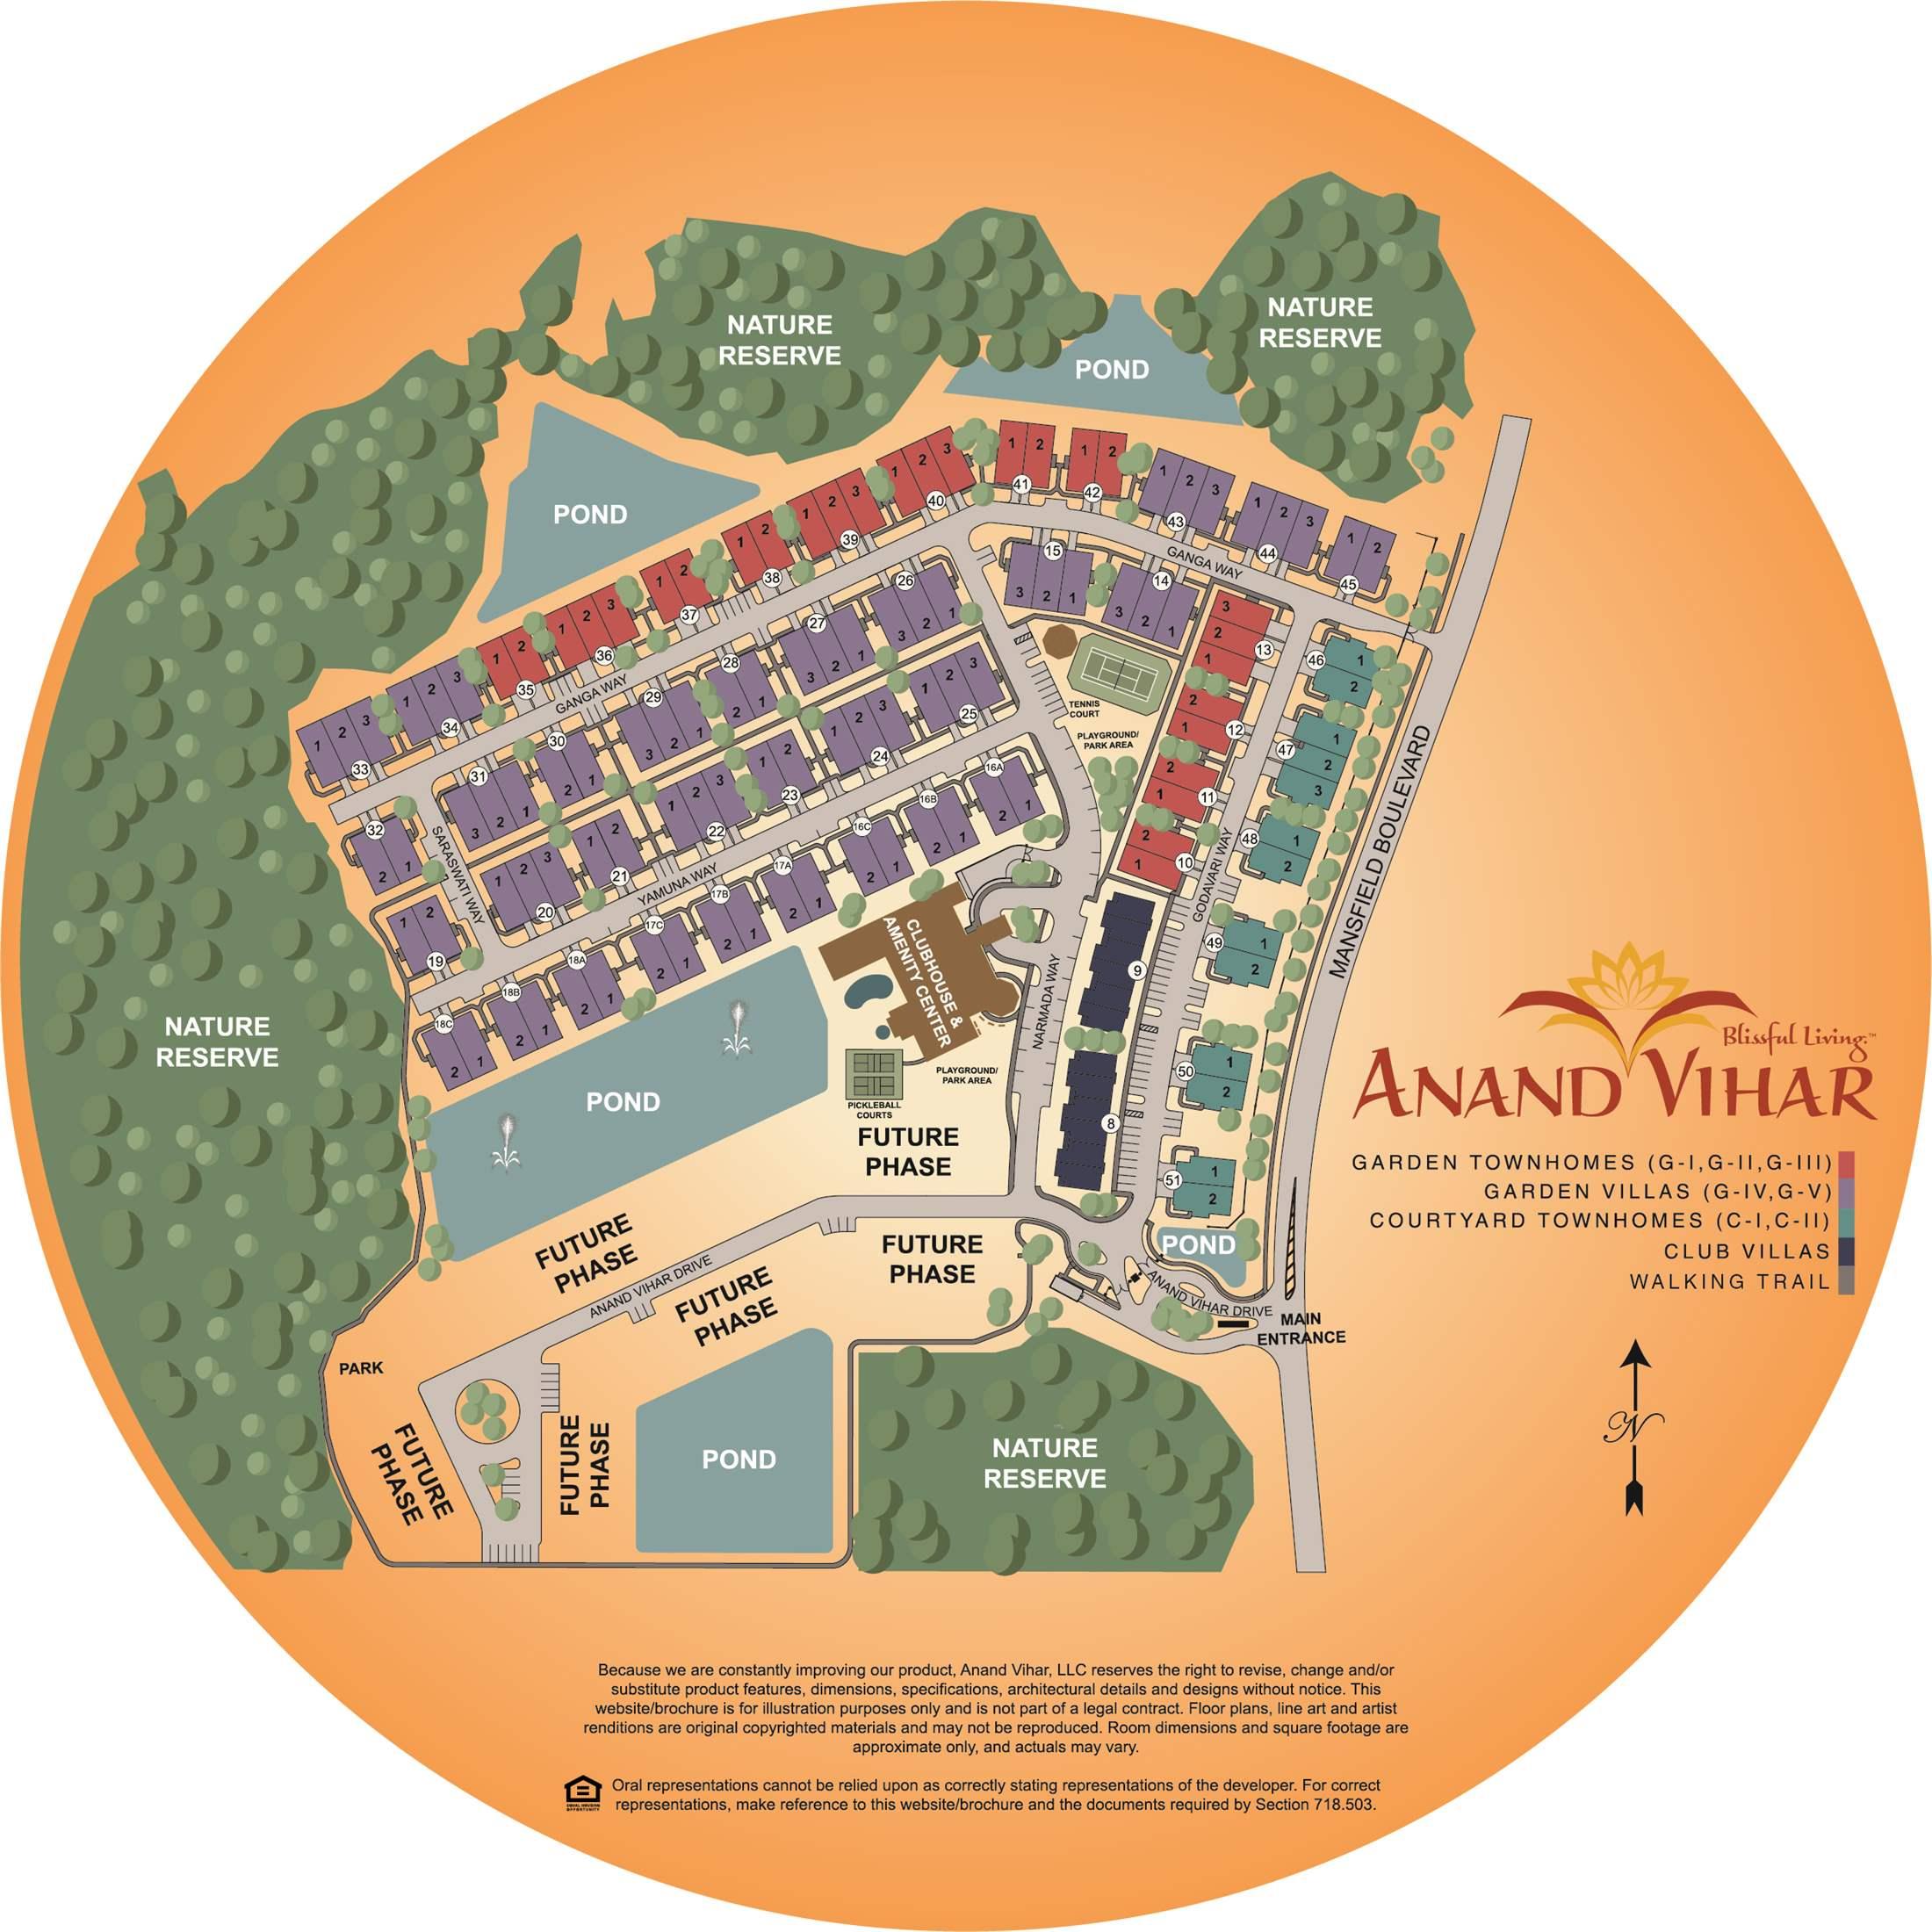 29817 Ganga Way, Wesley Chapel, FL 33543